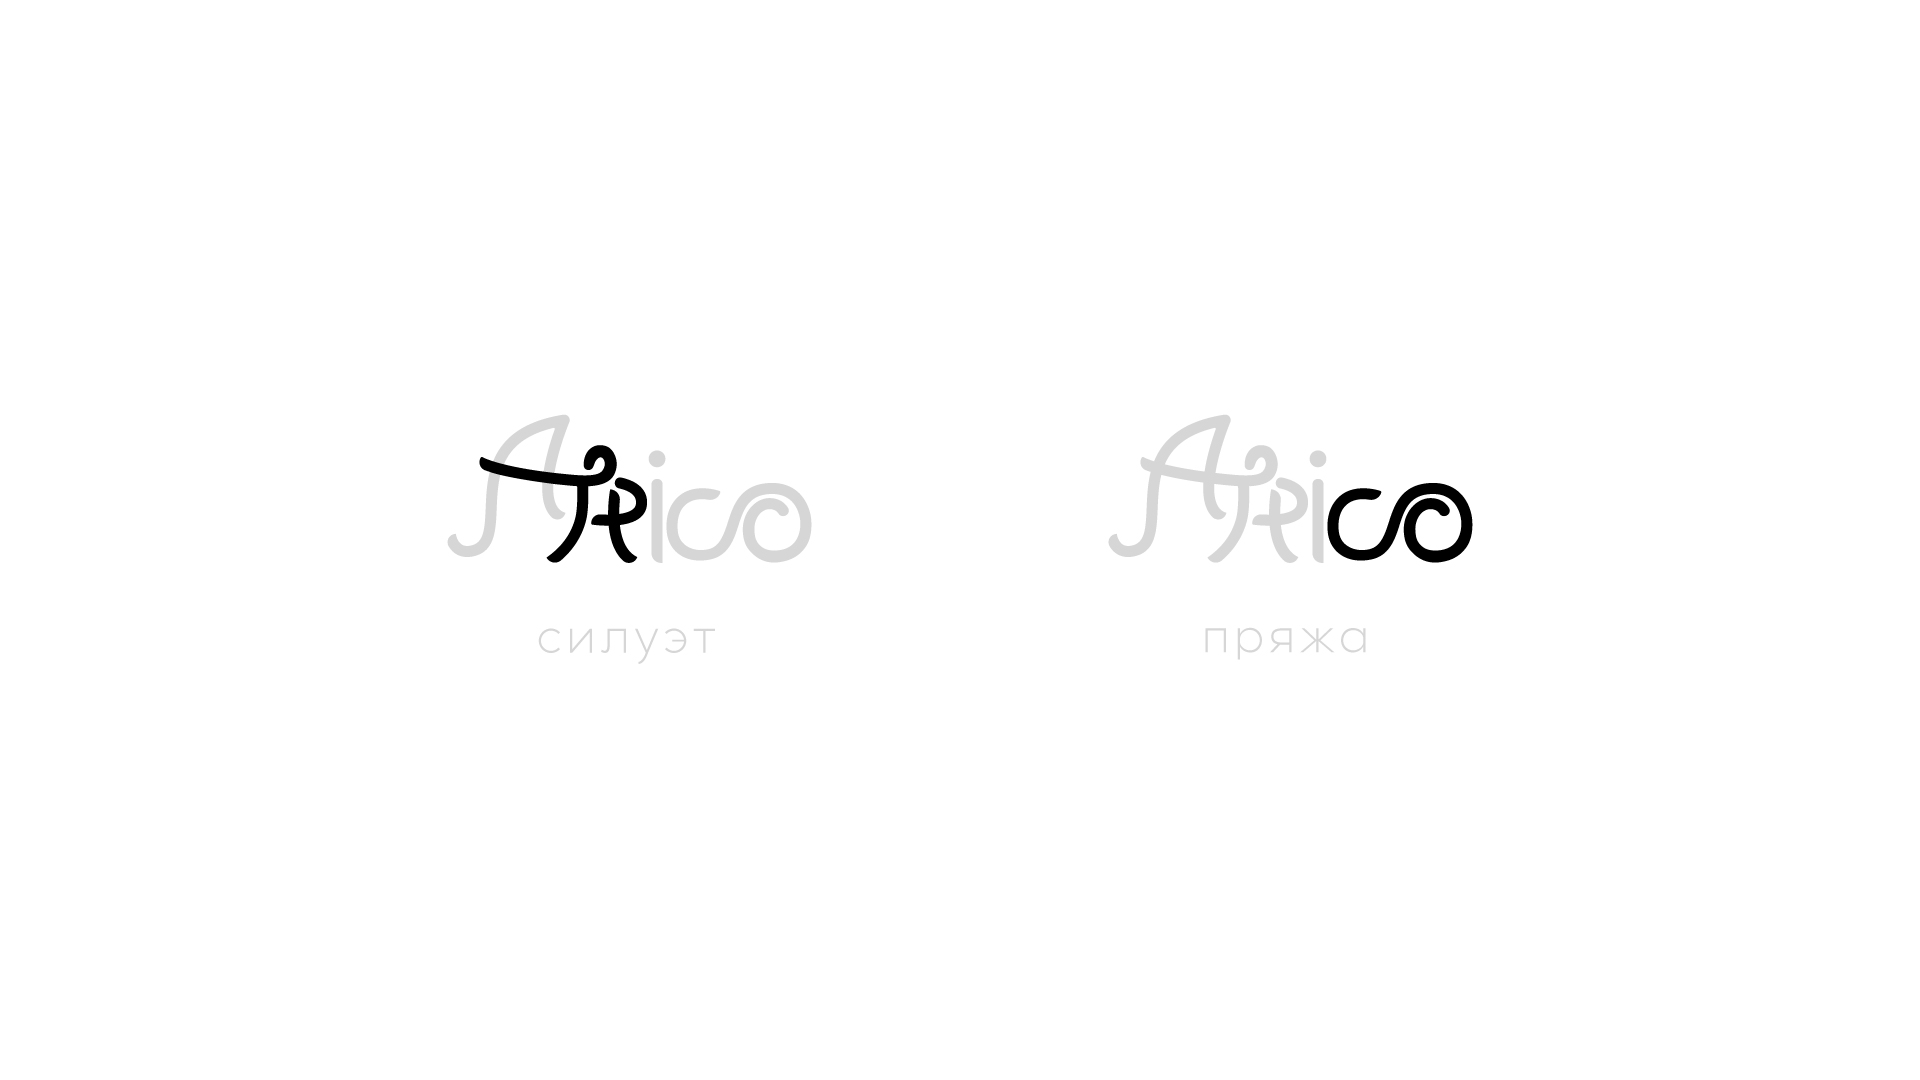 Логотип для брендовой пряжи и трикотажной одежды фото f_6856006889a6271a.jpg